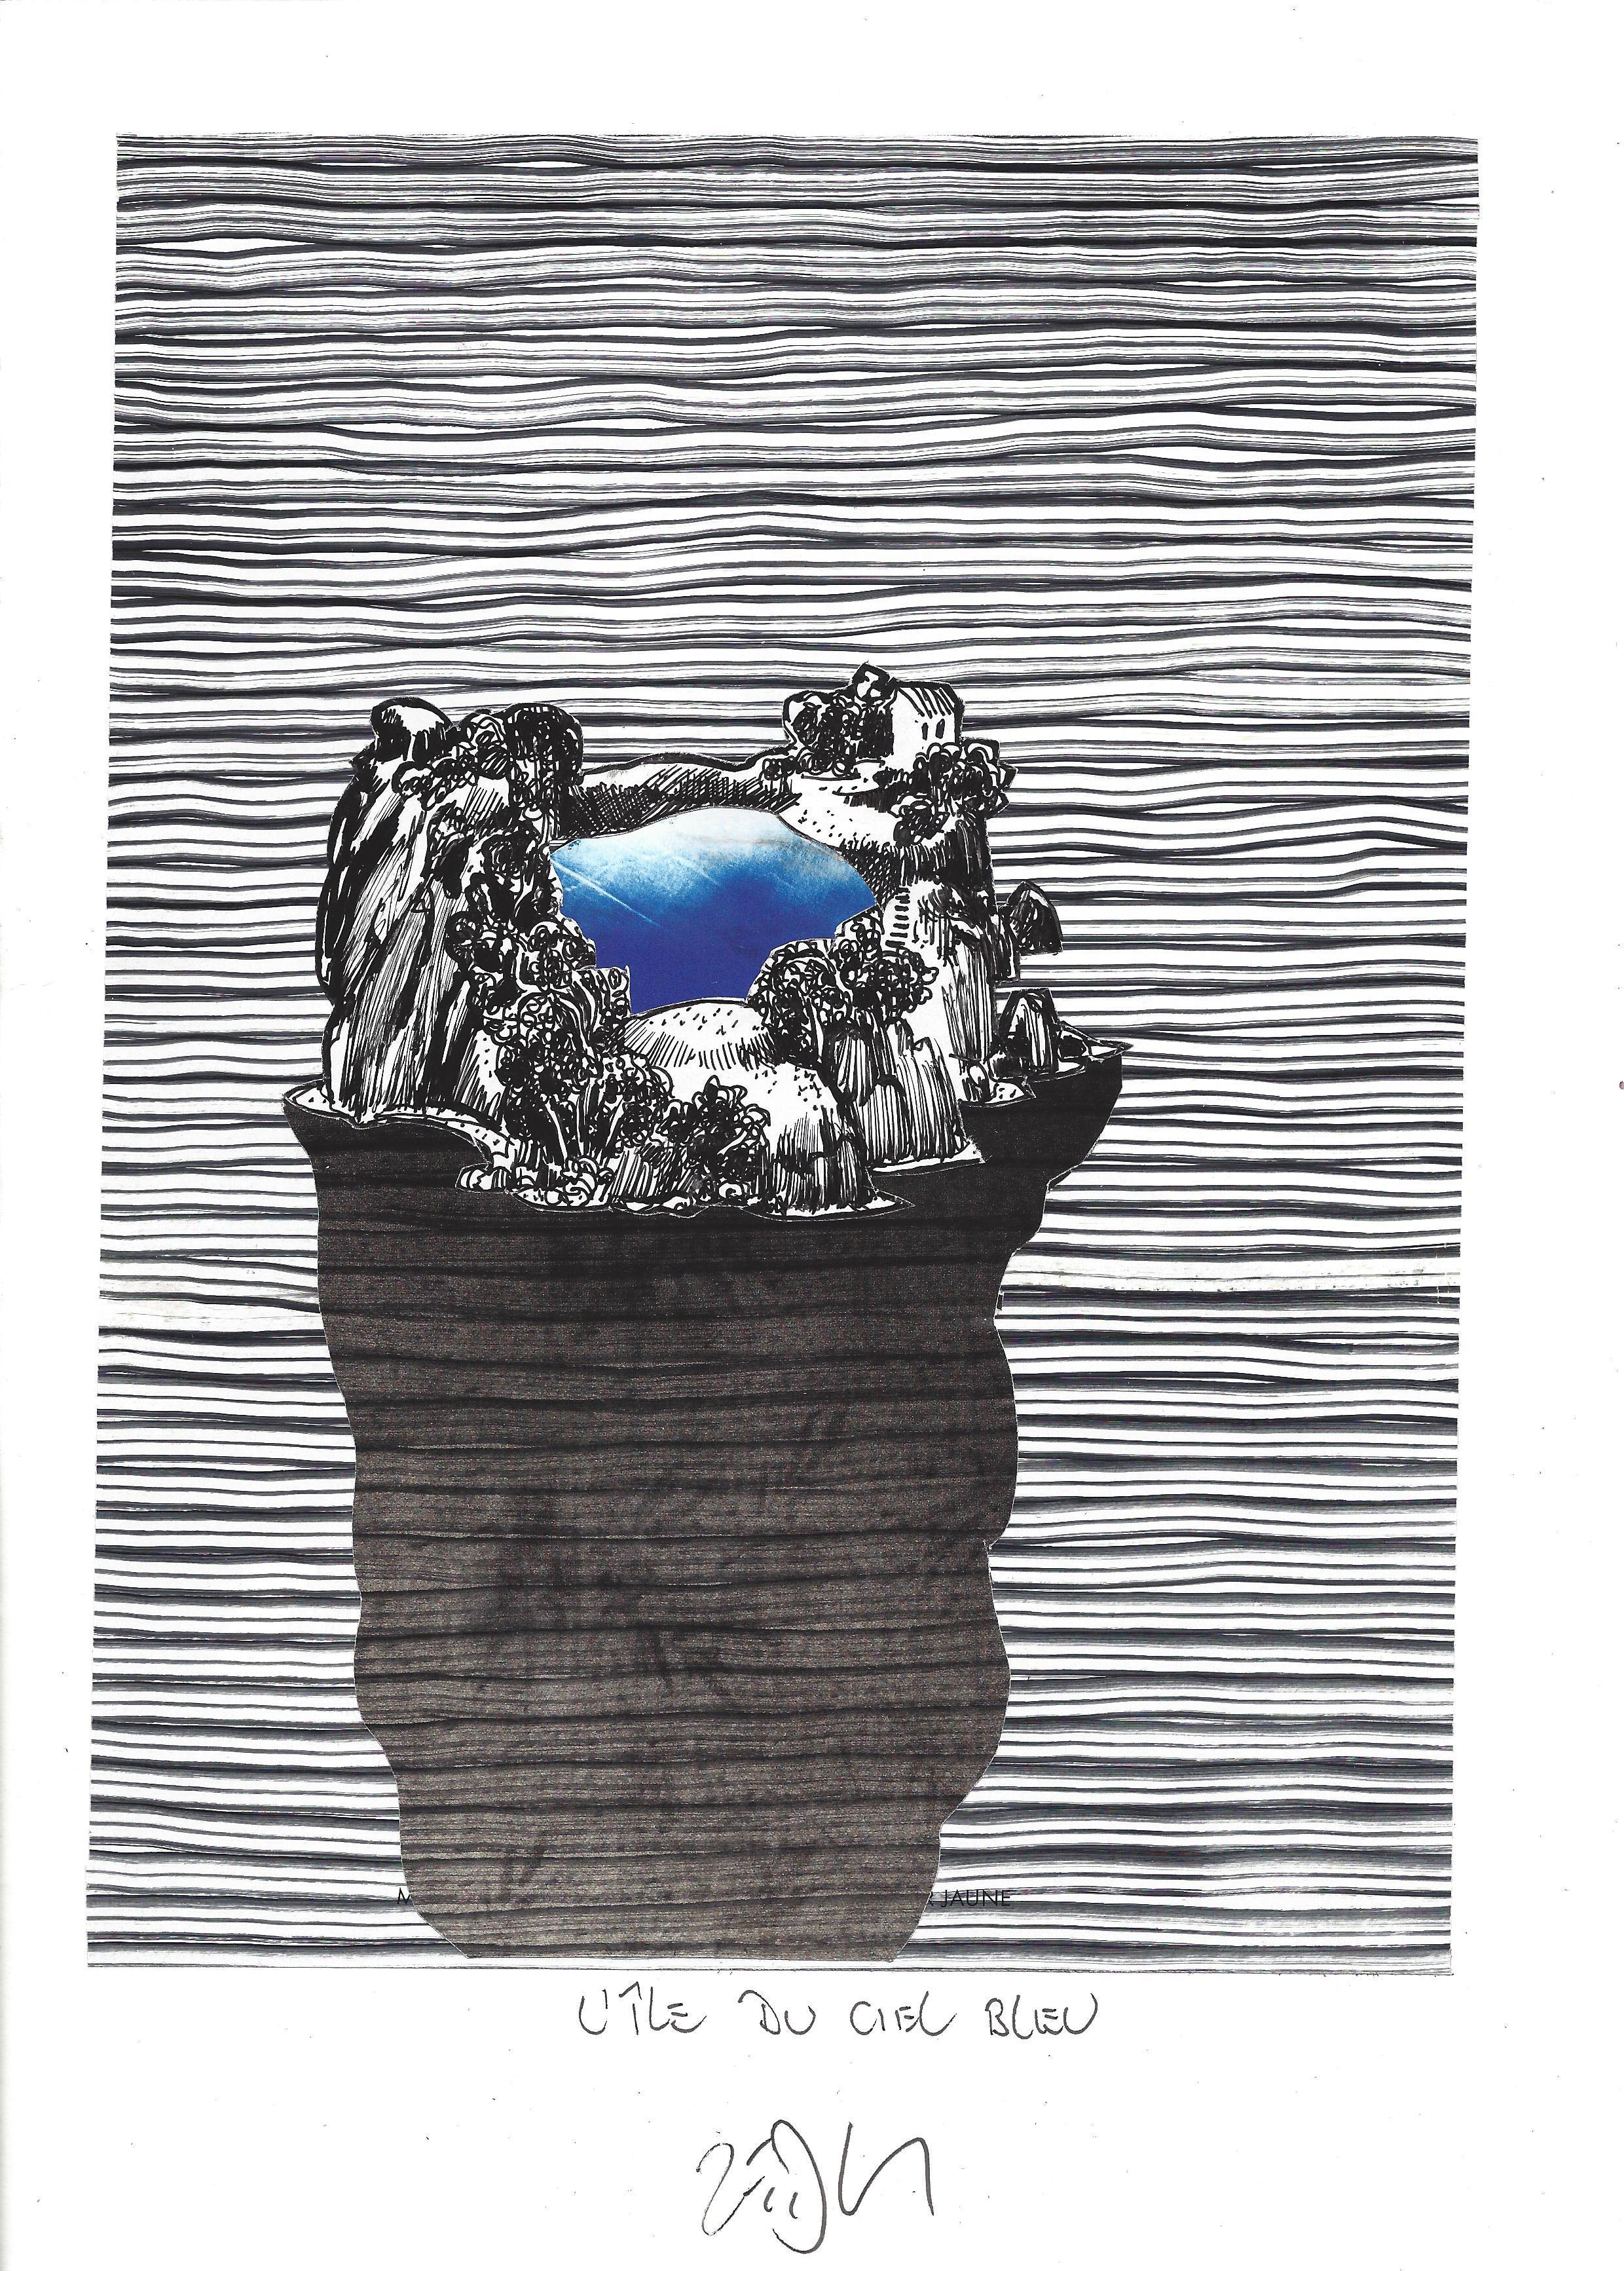 « Blue sky Island – L'île du ciel bleu »